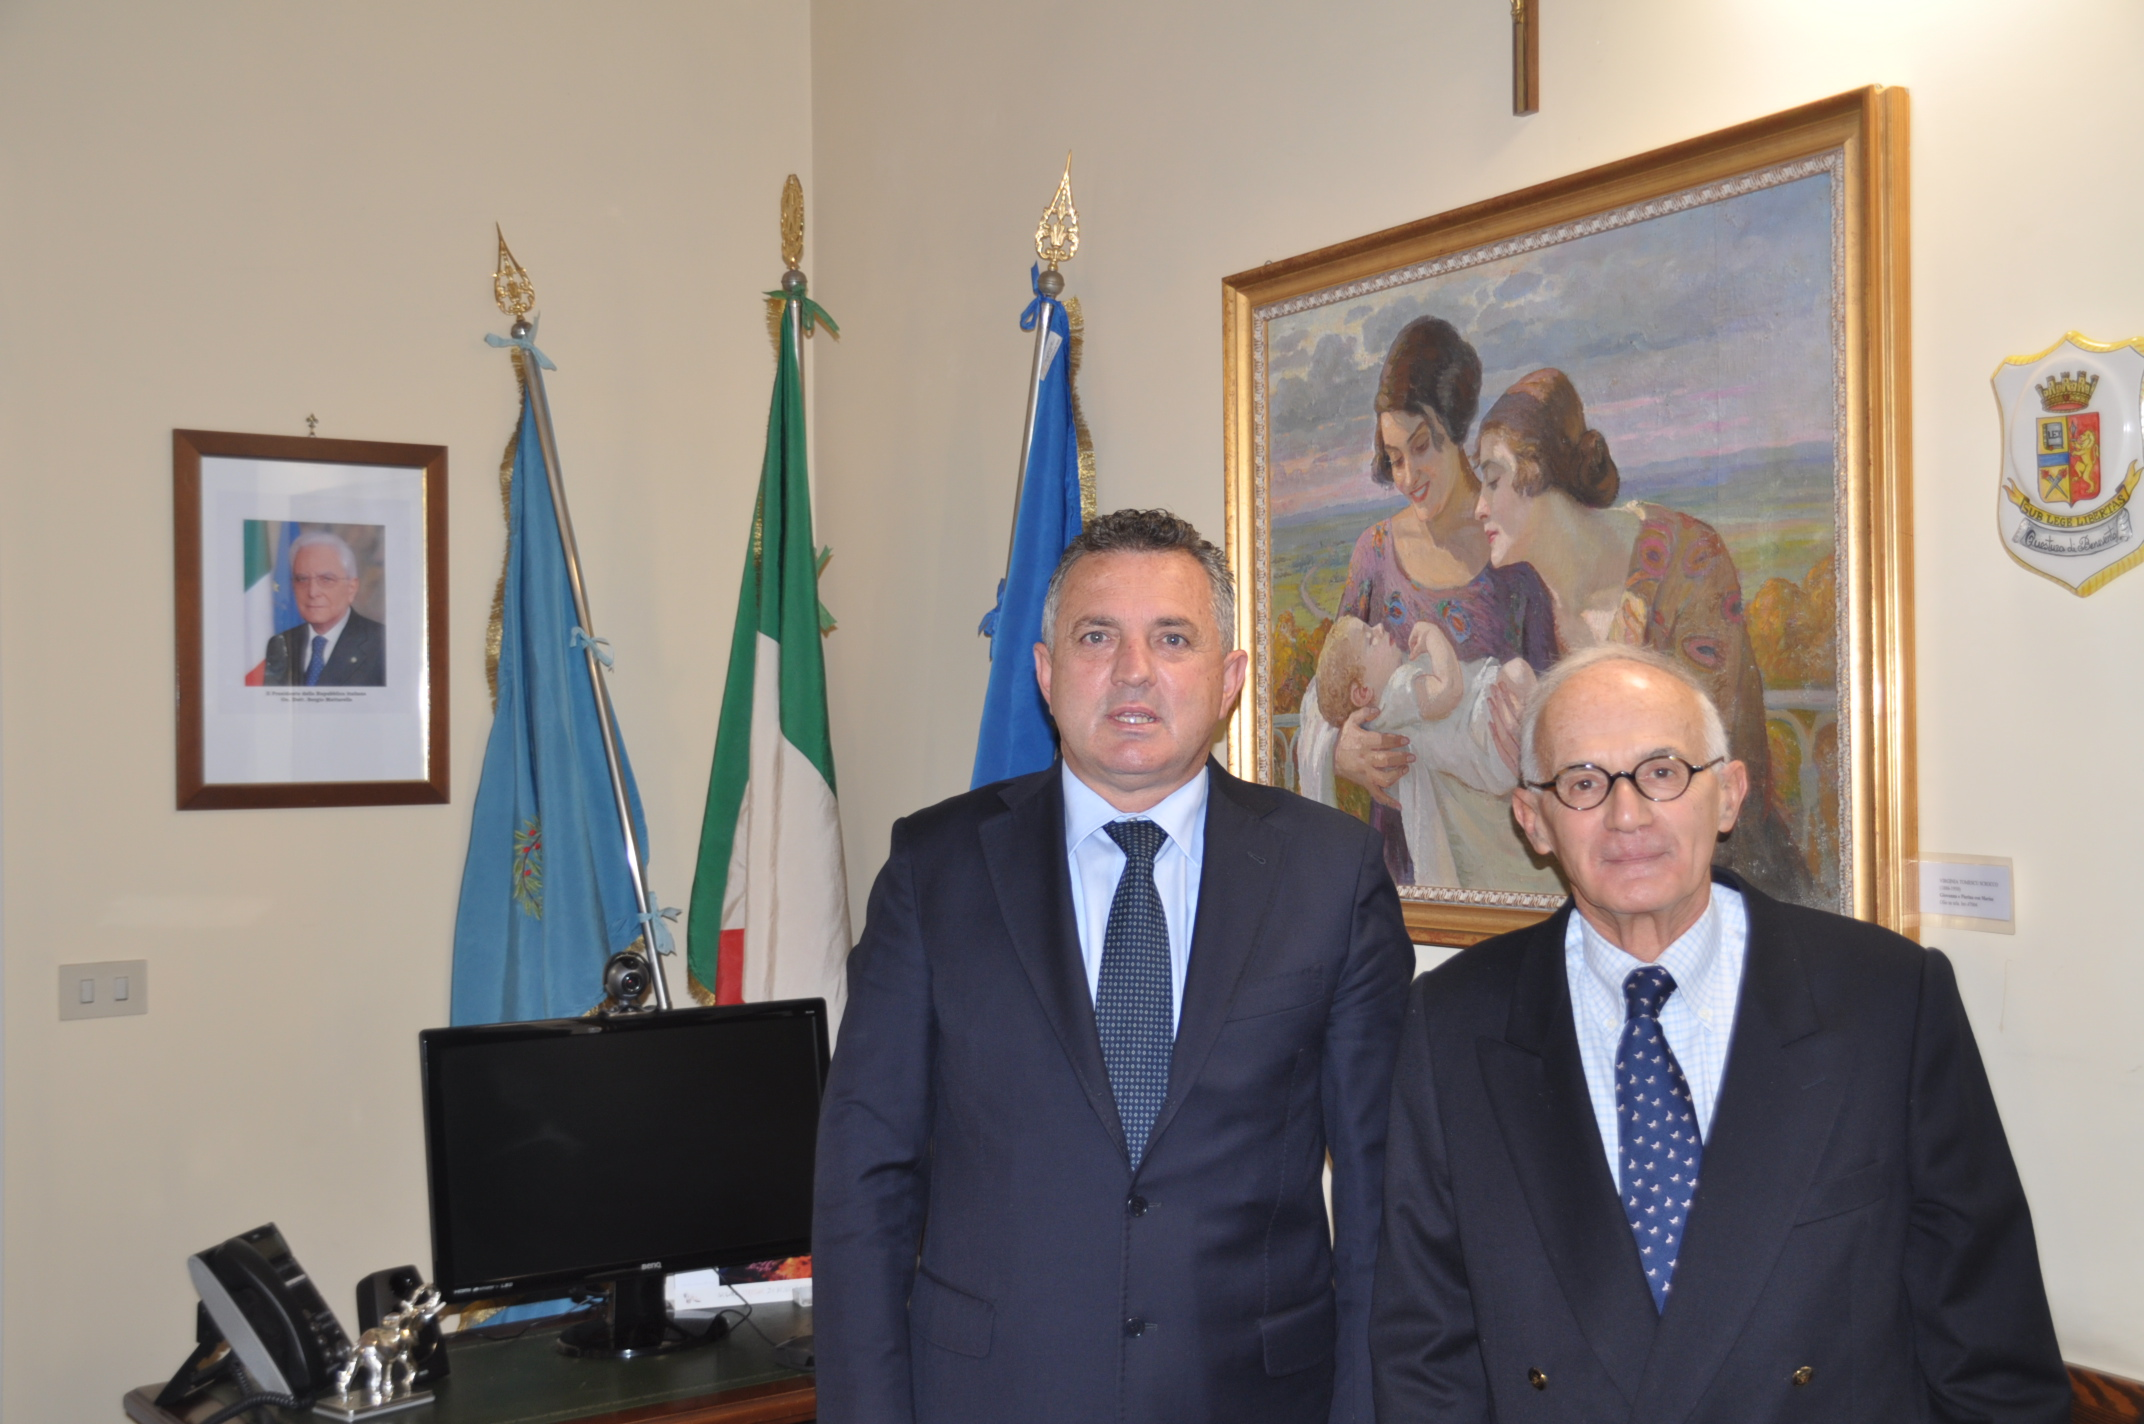 Benevento  Di Maria approva il progetto del prof. Rotili di riordino del Museo del Sannio